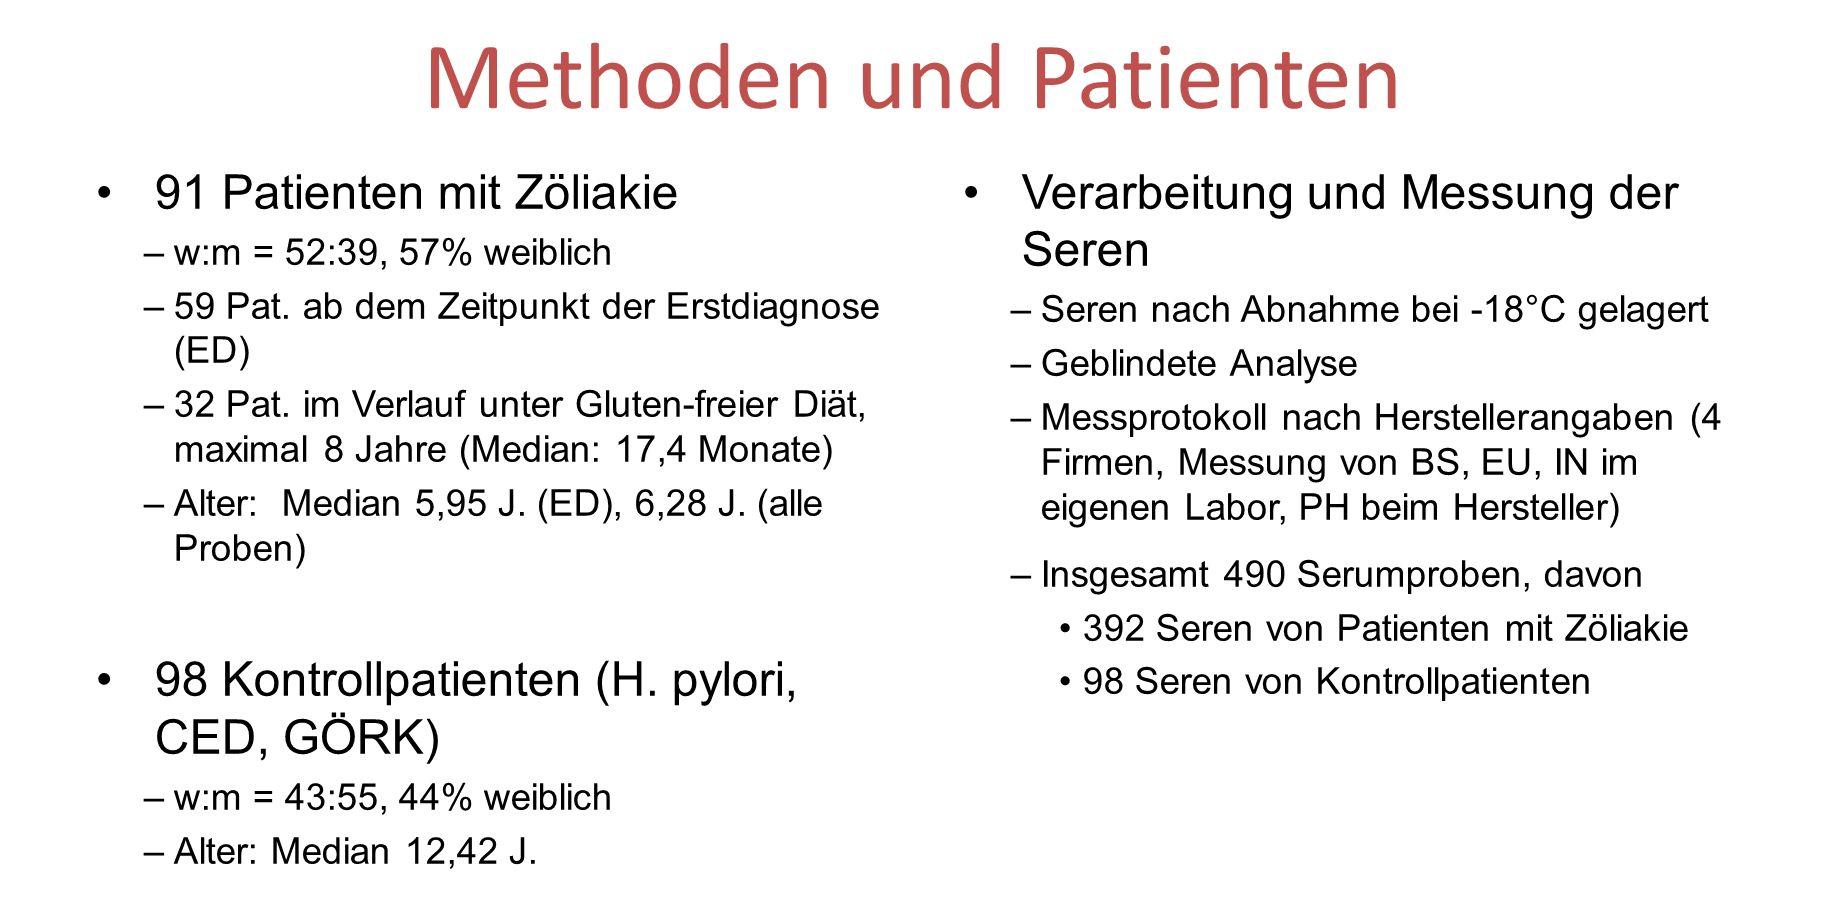 Ergebnisse (1) 4 2.Sensitivität und Spezifität zum Zeitpunkt der Erstdiagnose 3.